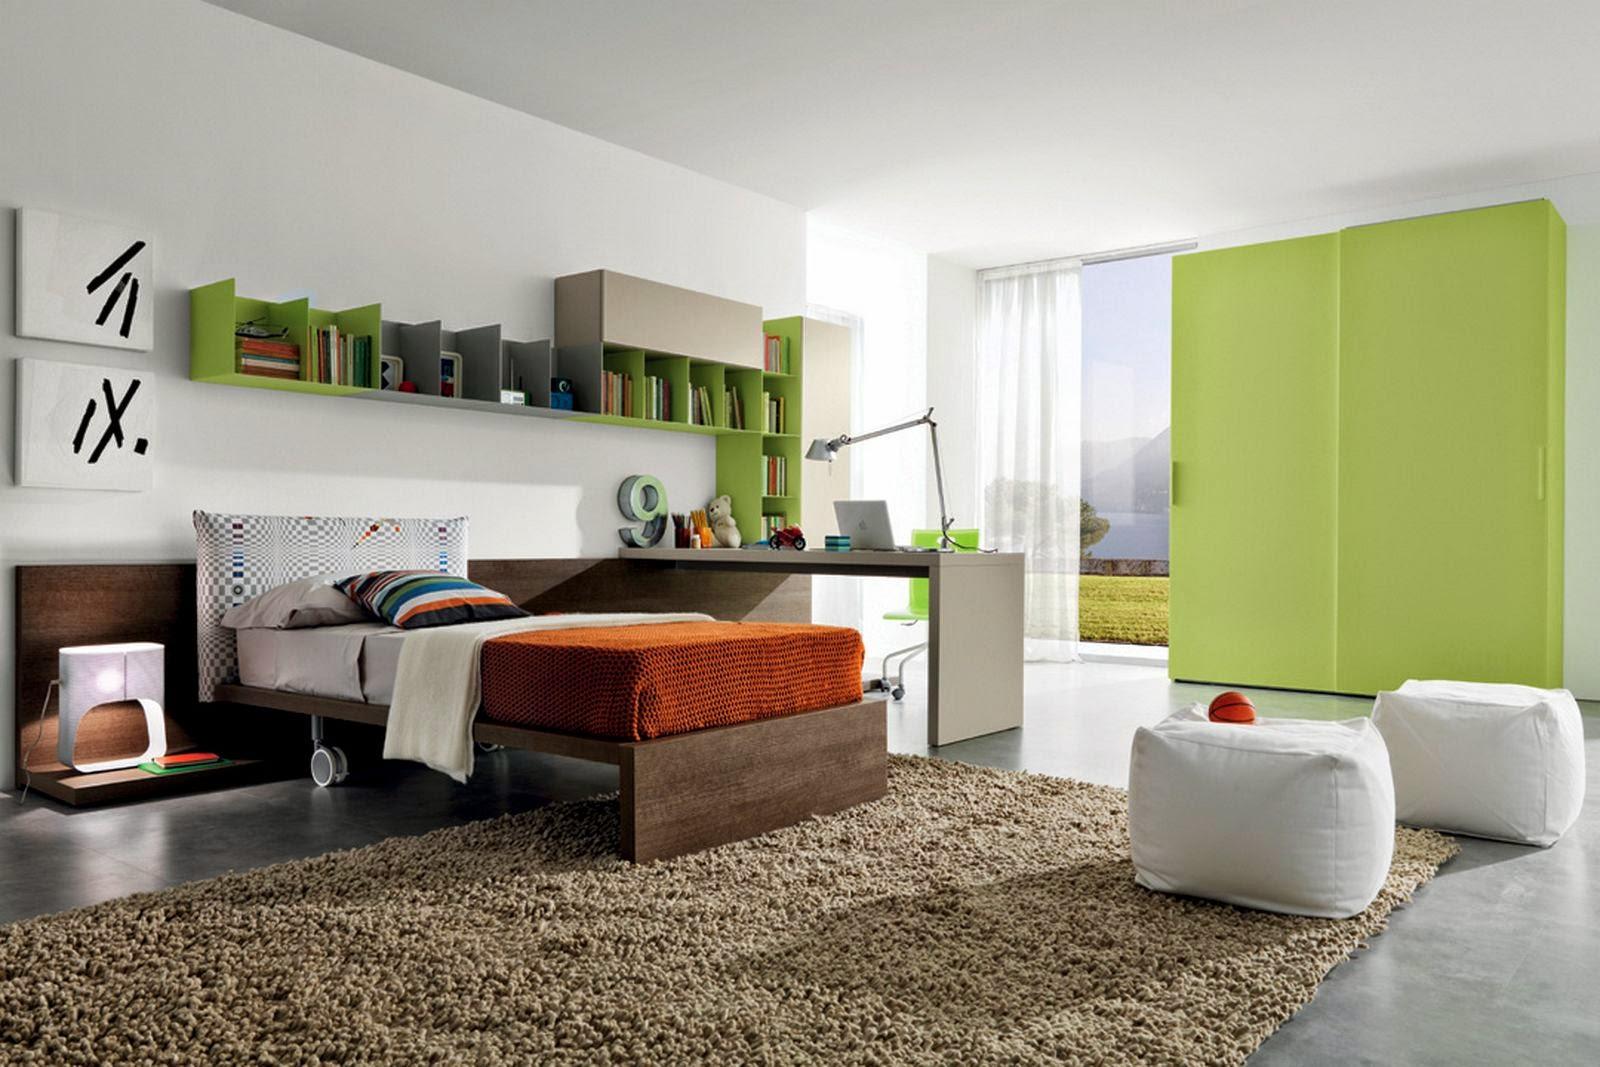 Conseils d co et relooking derni res chambre styles 2014 for Decoration chez soi chambre coucher